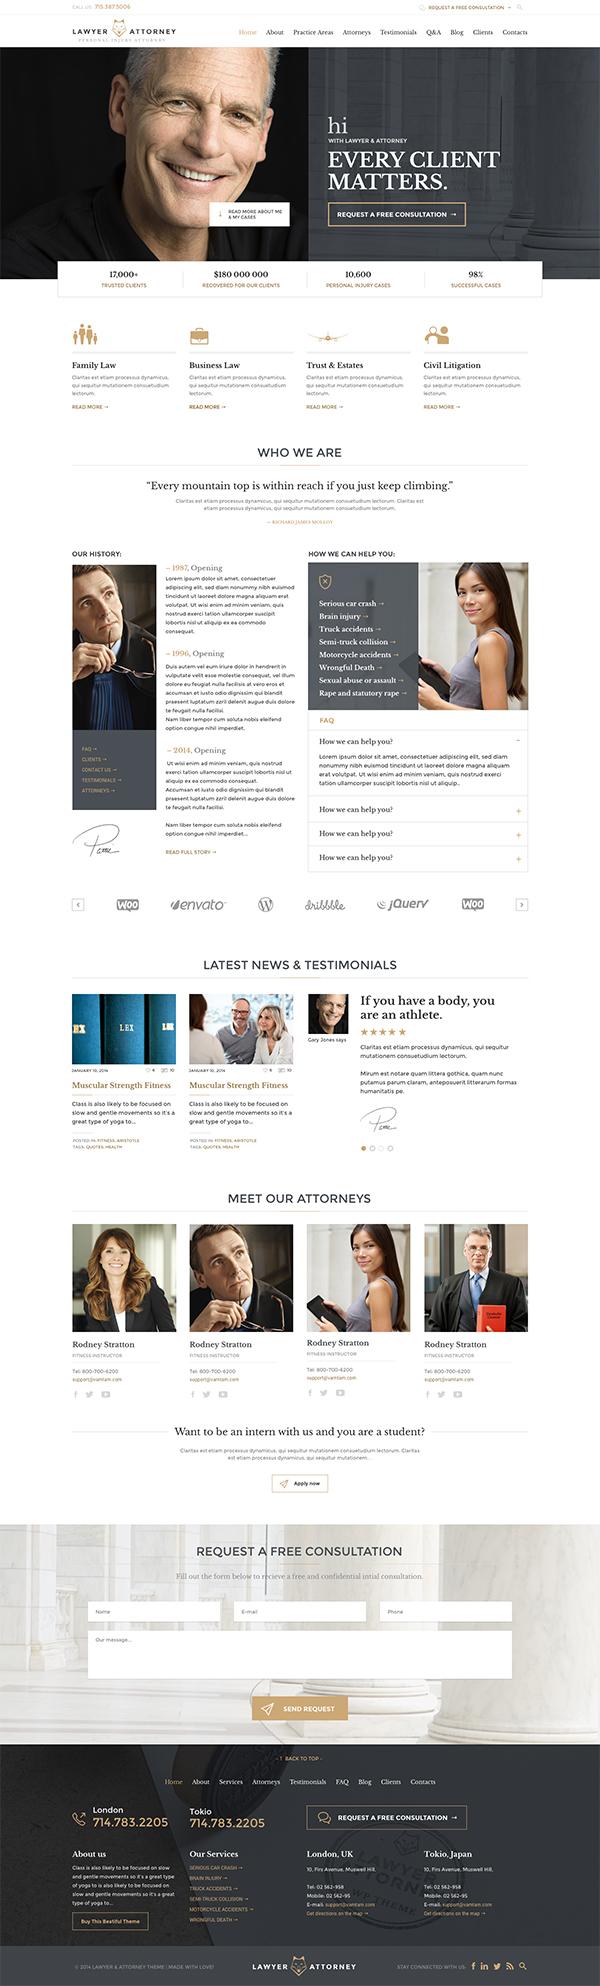 Lawyer & Attorney - Law Firm WordPress